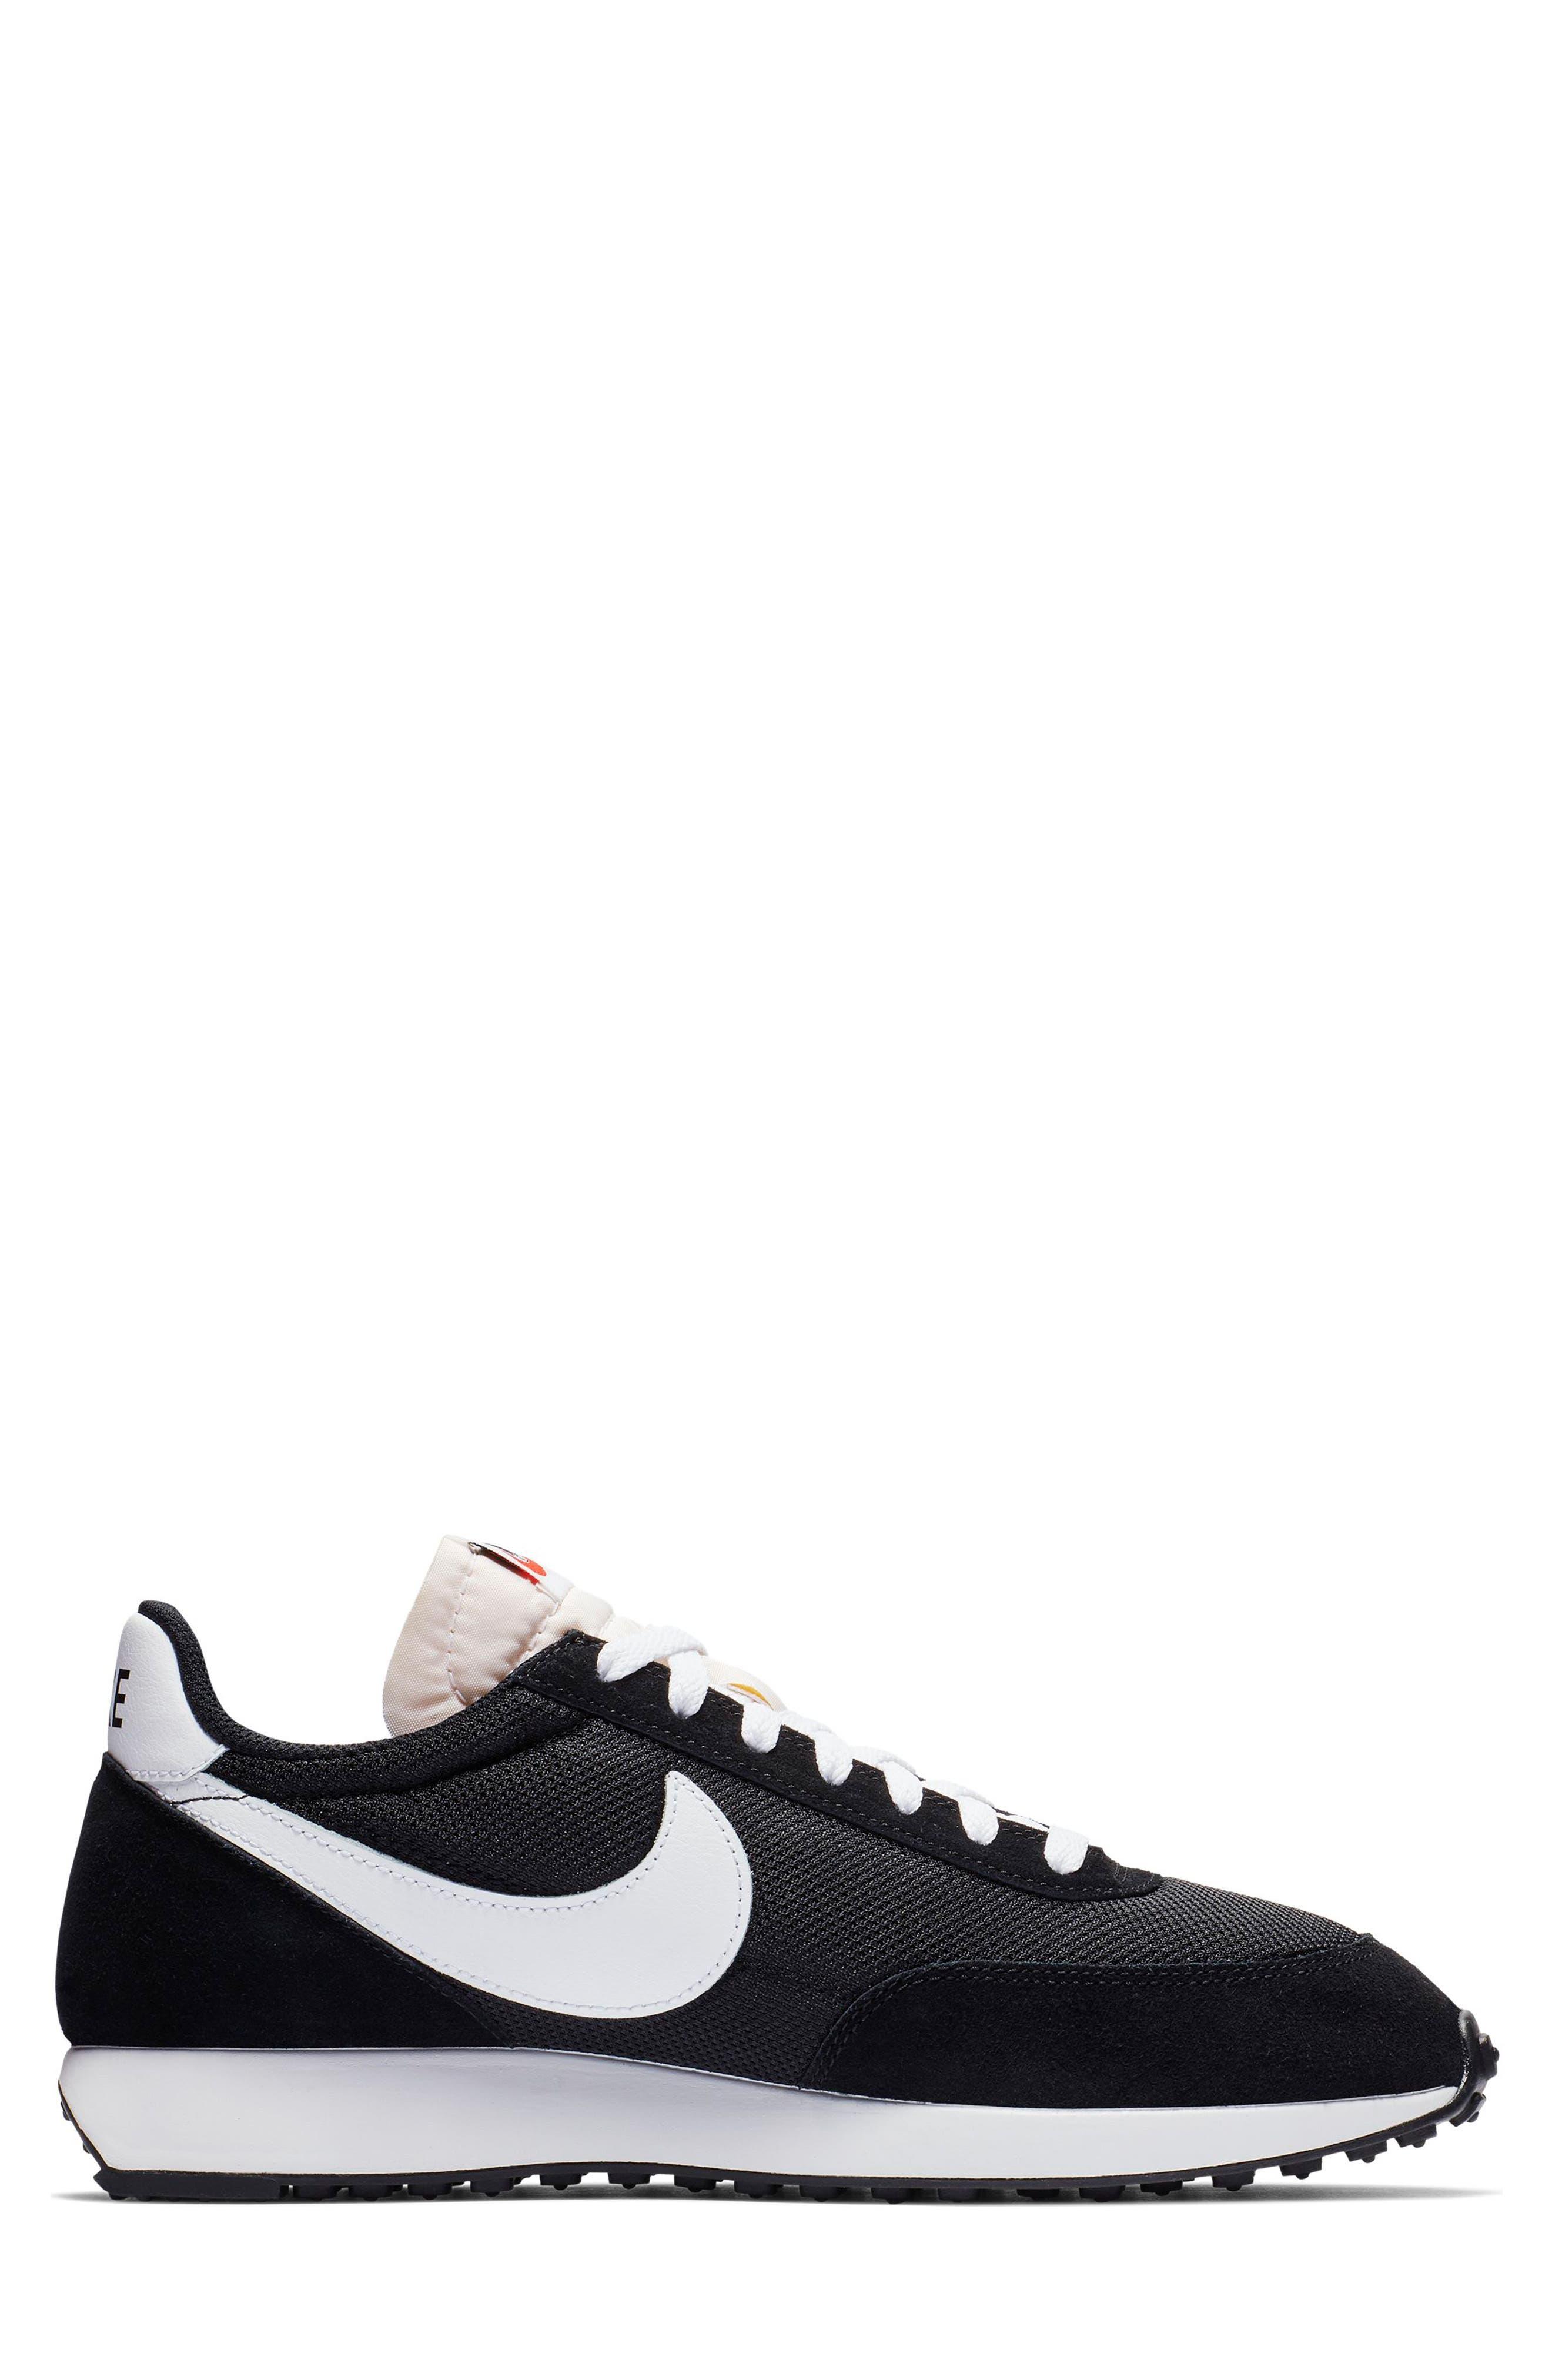 344a541c064 Men s Nike Shoes